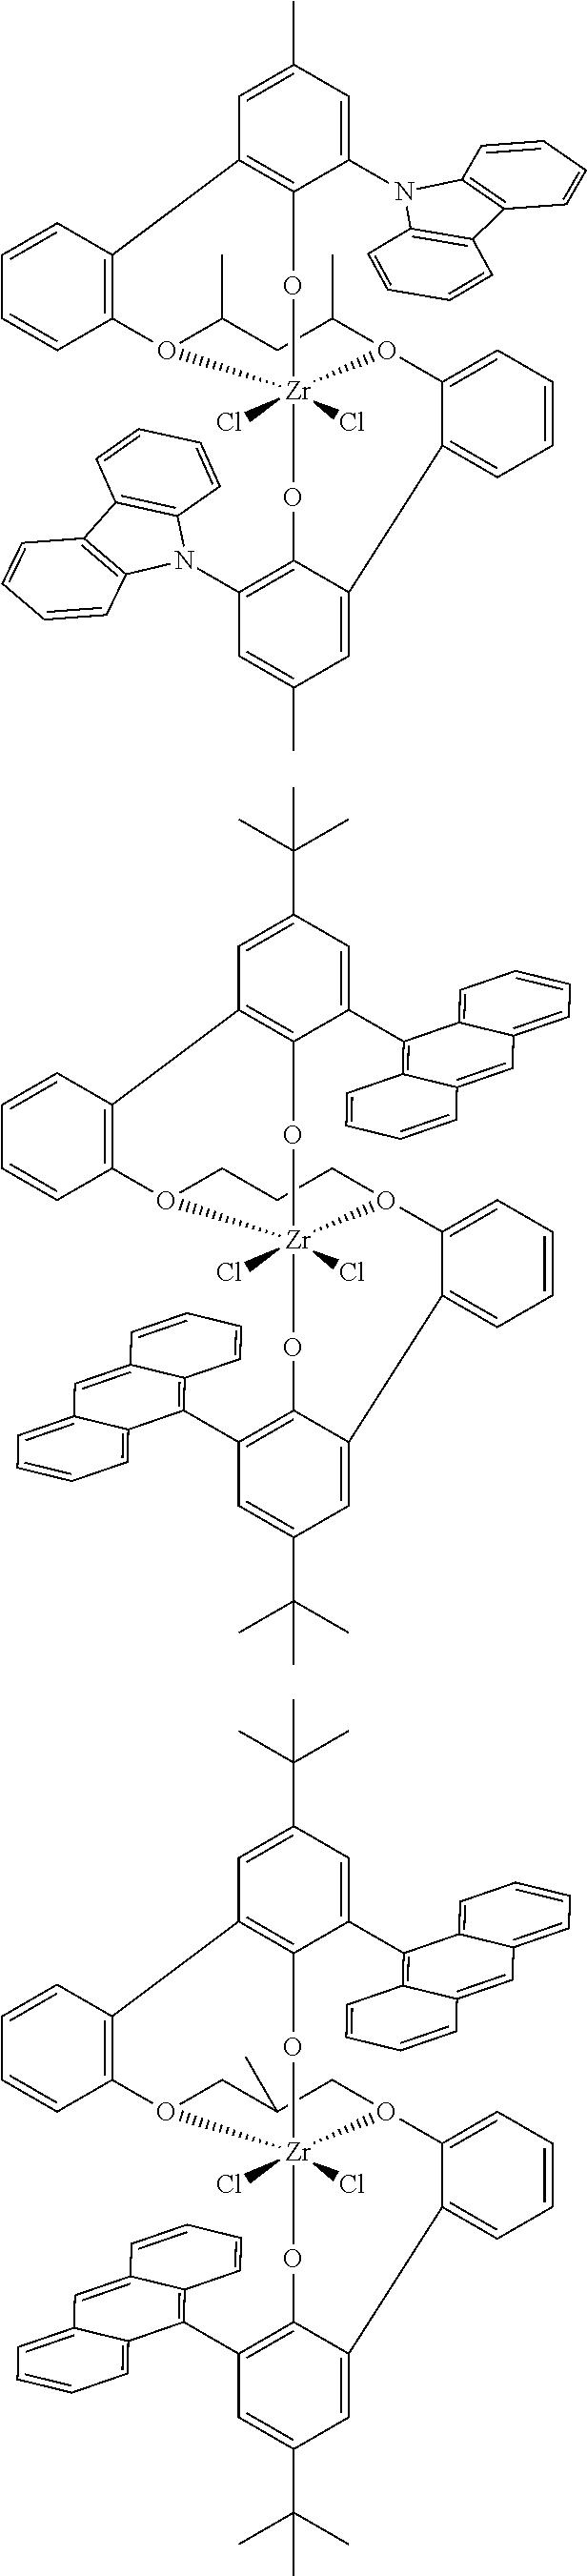 Figure US08722819-20140513-C00017